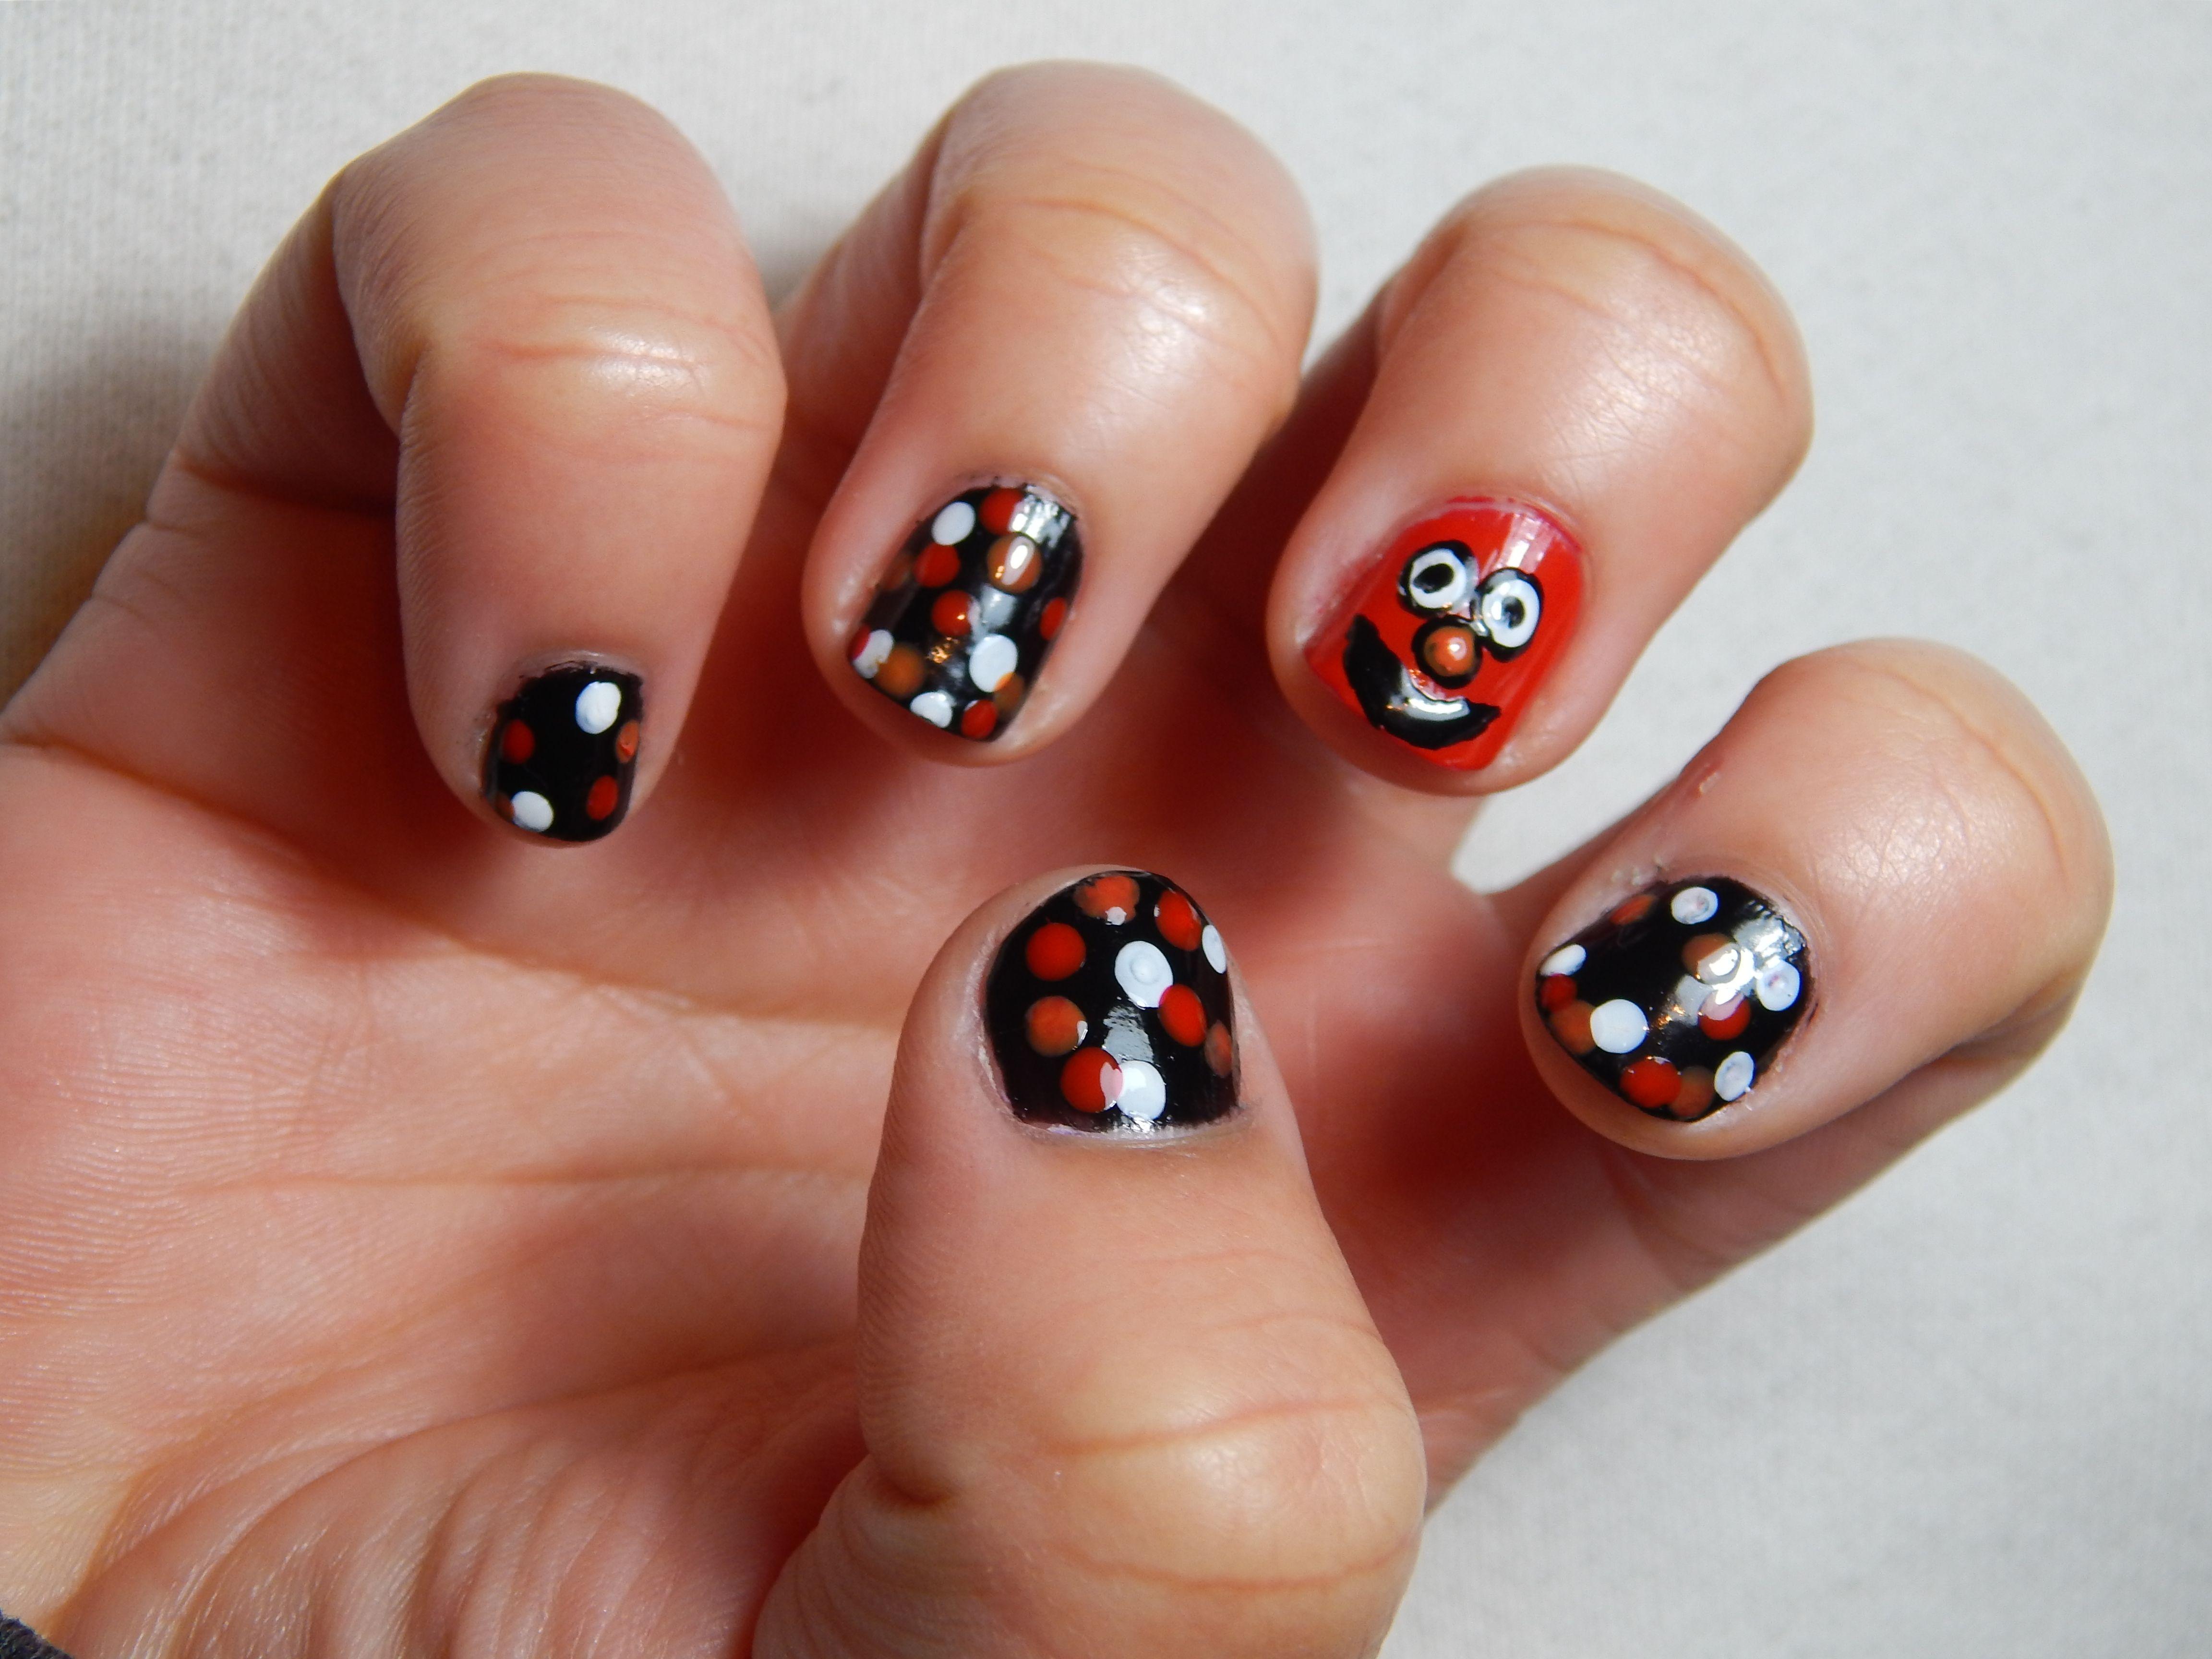 Diseño Elmo | Diseños de uñas | Pinterest | Diseños de uñas